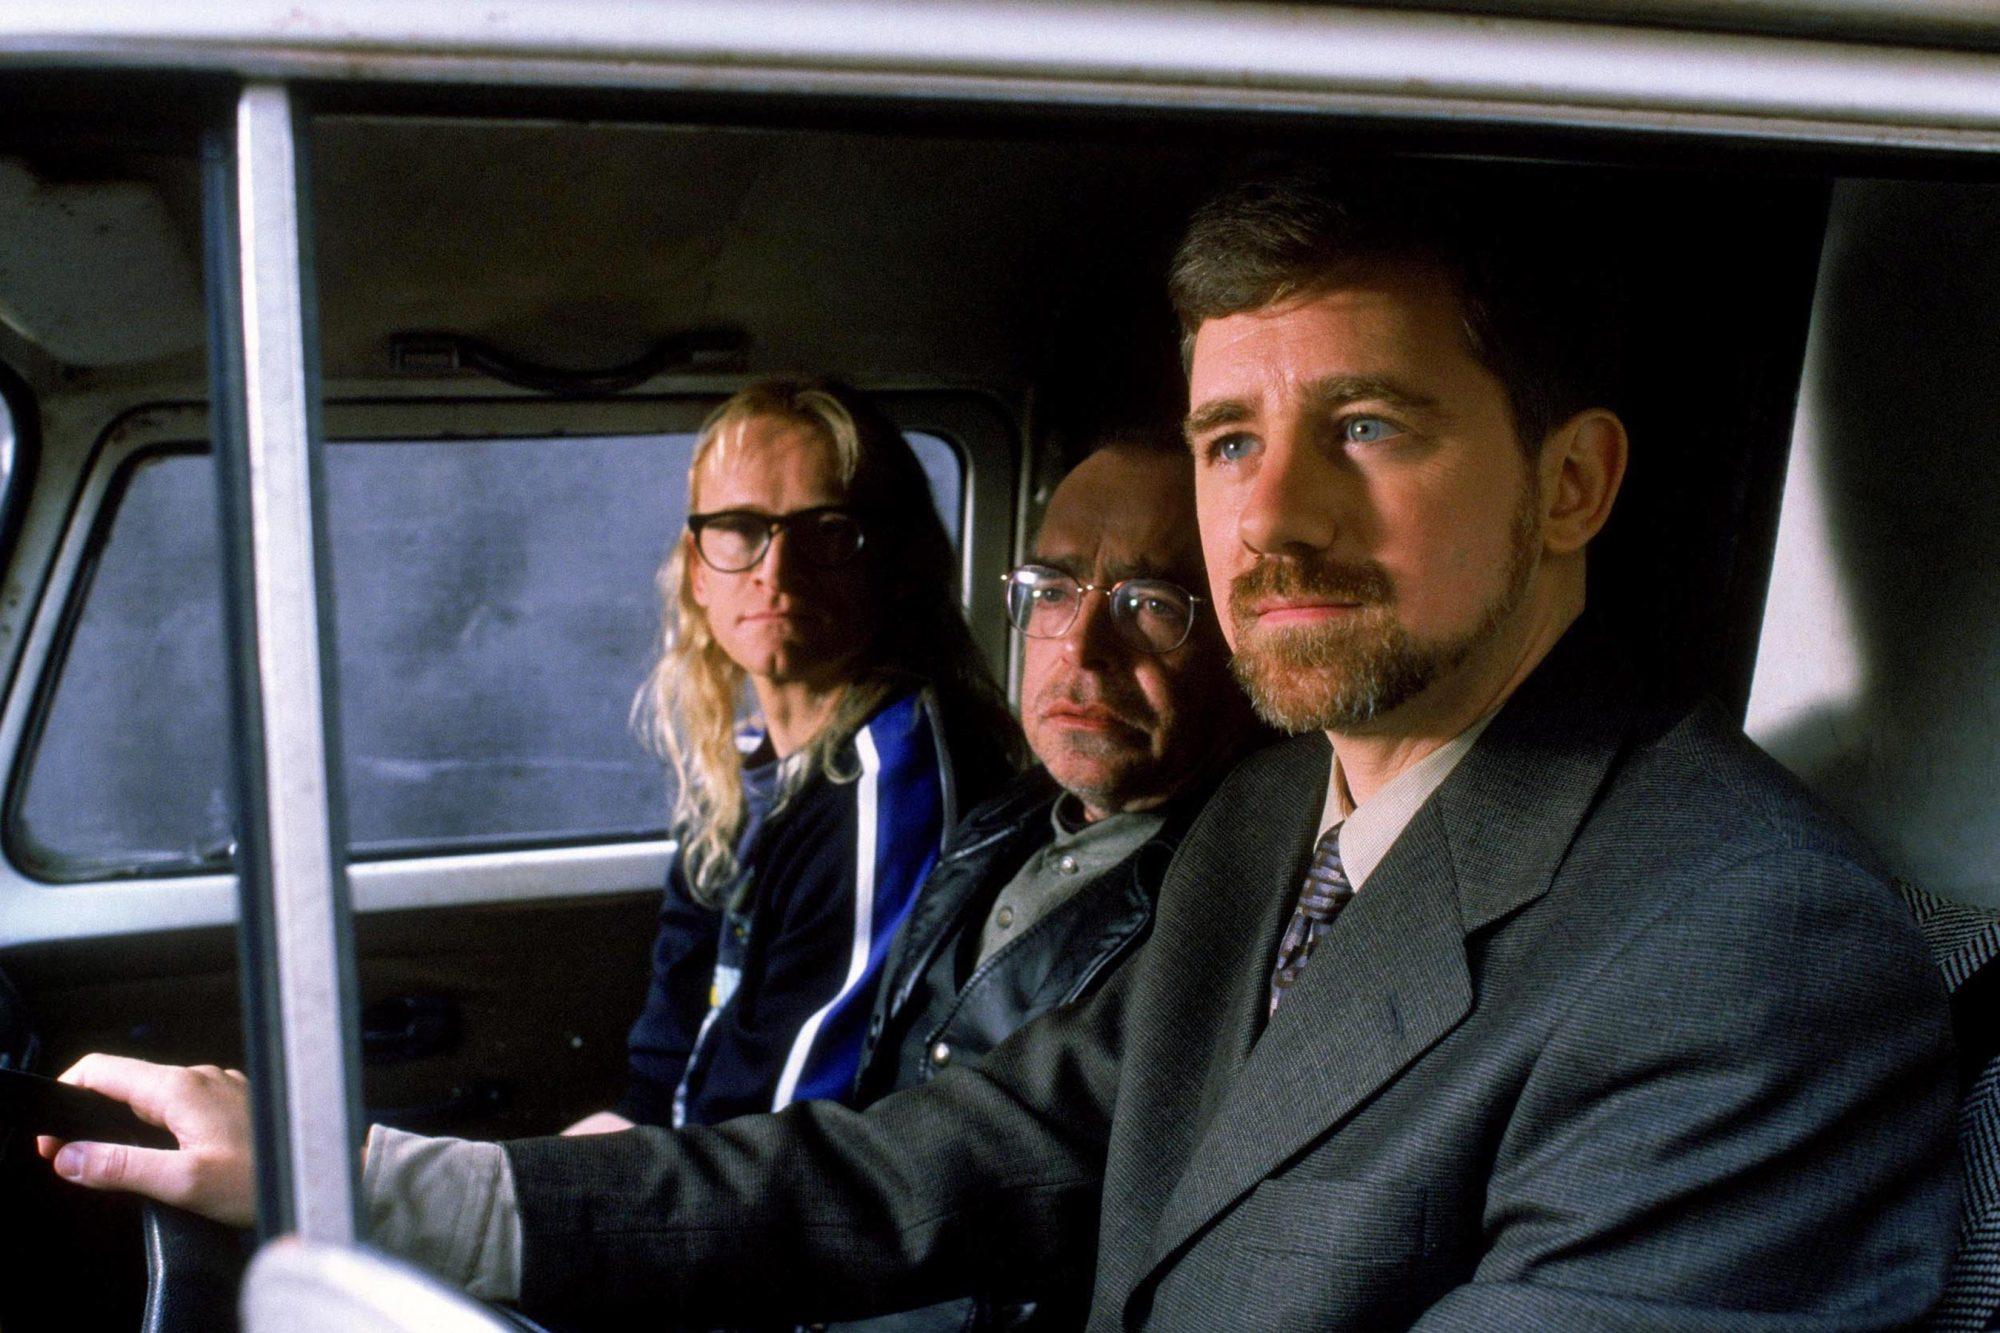 THE LONE GUNMEN, 2001, Dean Haglund, Tom Braidwood, Bruce Harwood, TM and Copyright © 20th Century F